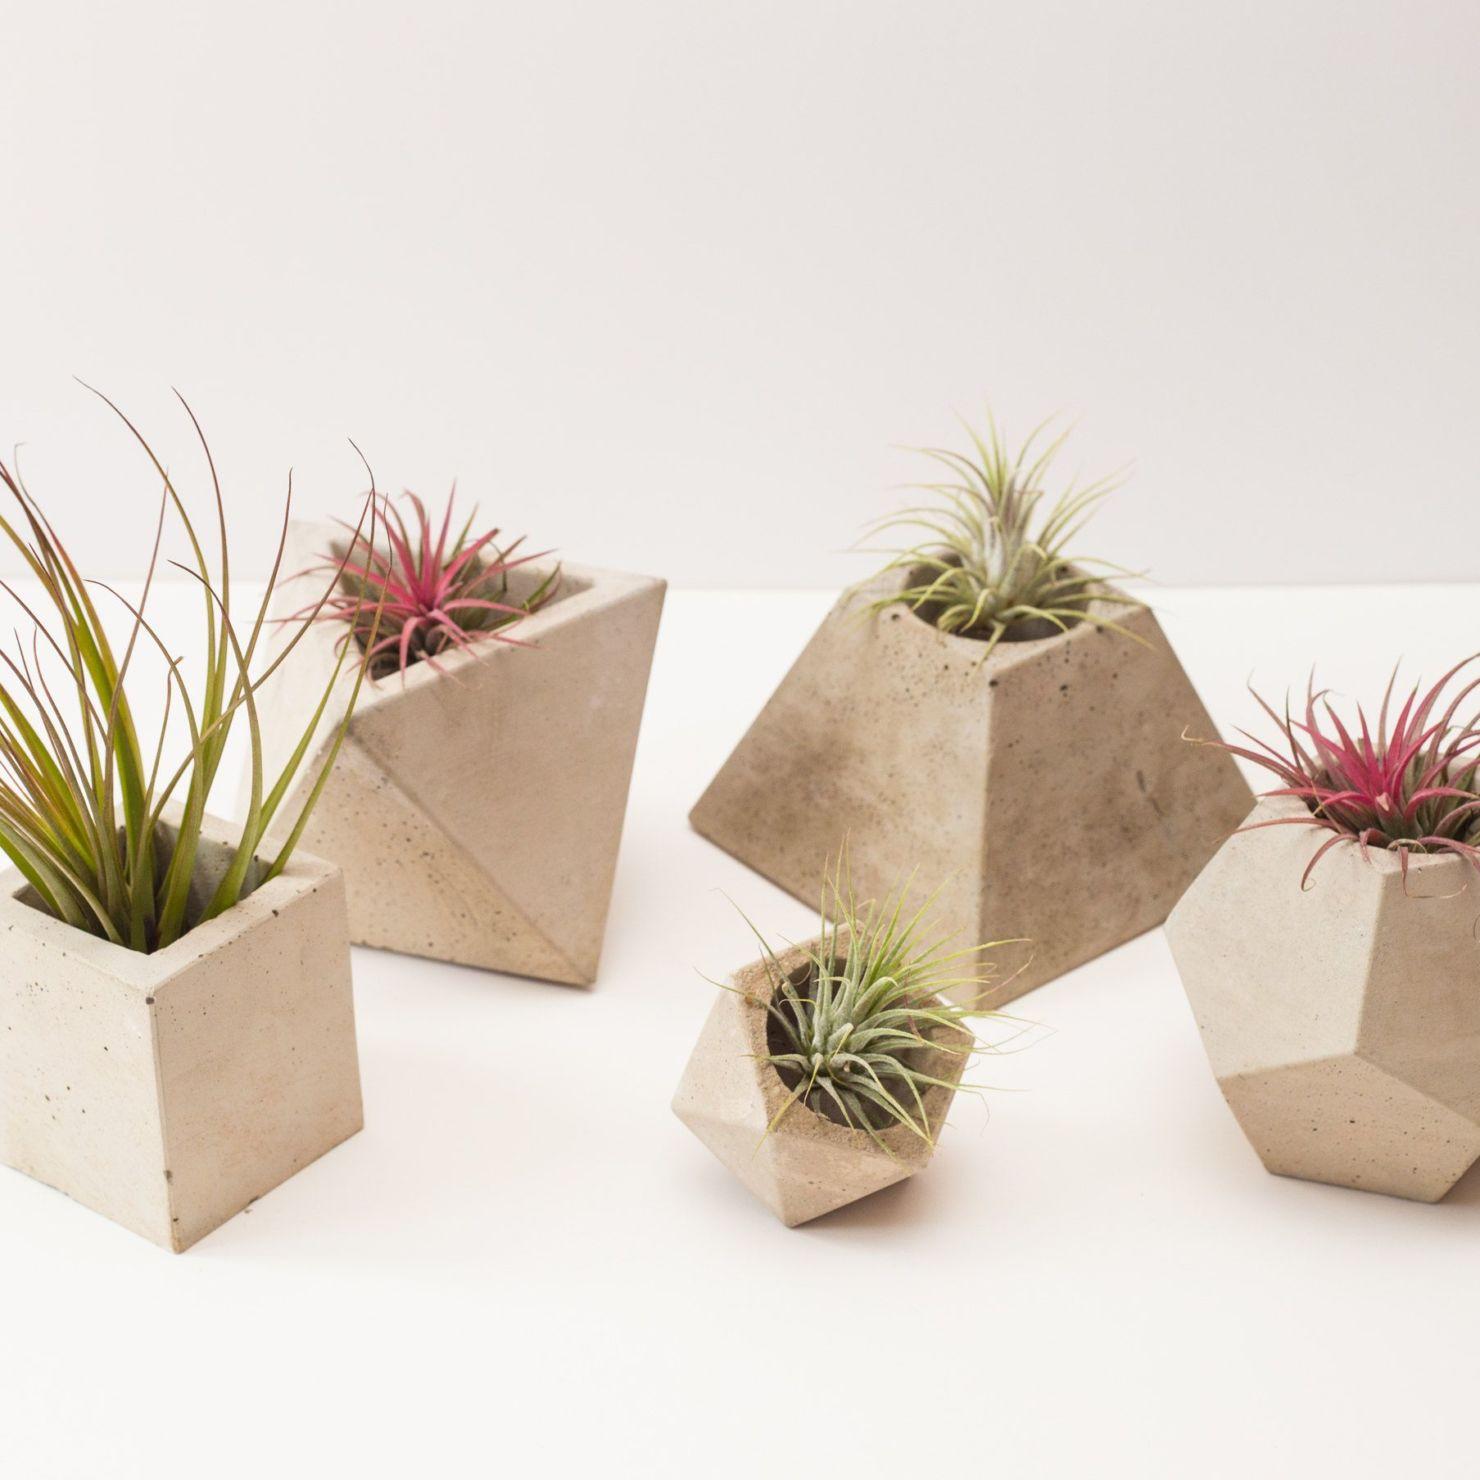 5 ideas muy cool para decorar tu casa con artículos de cemento